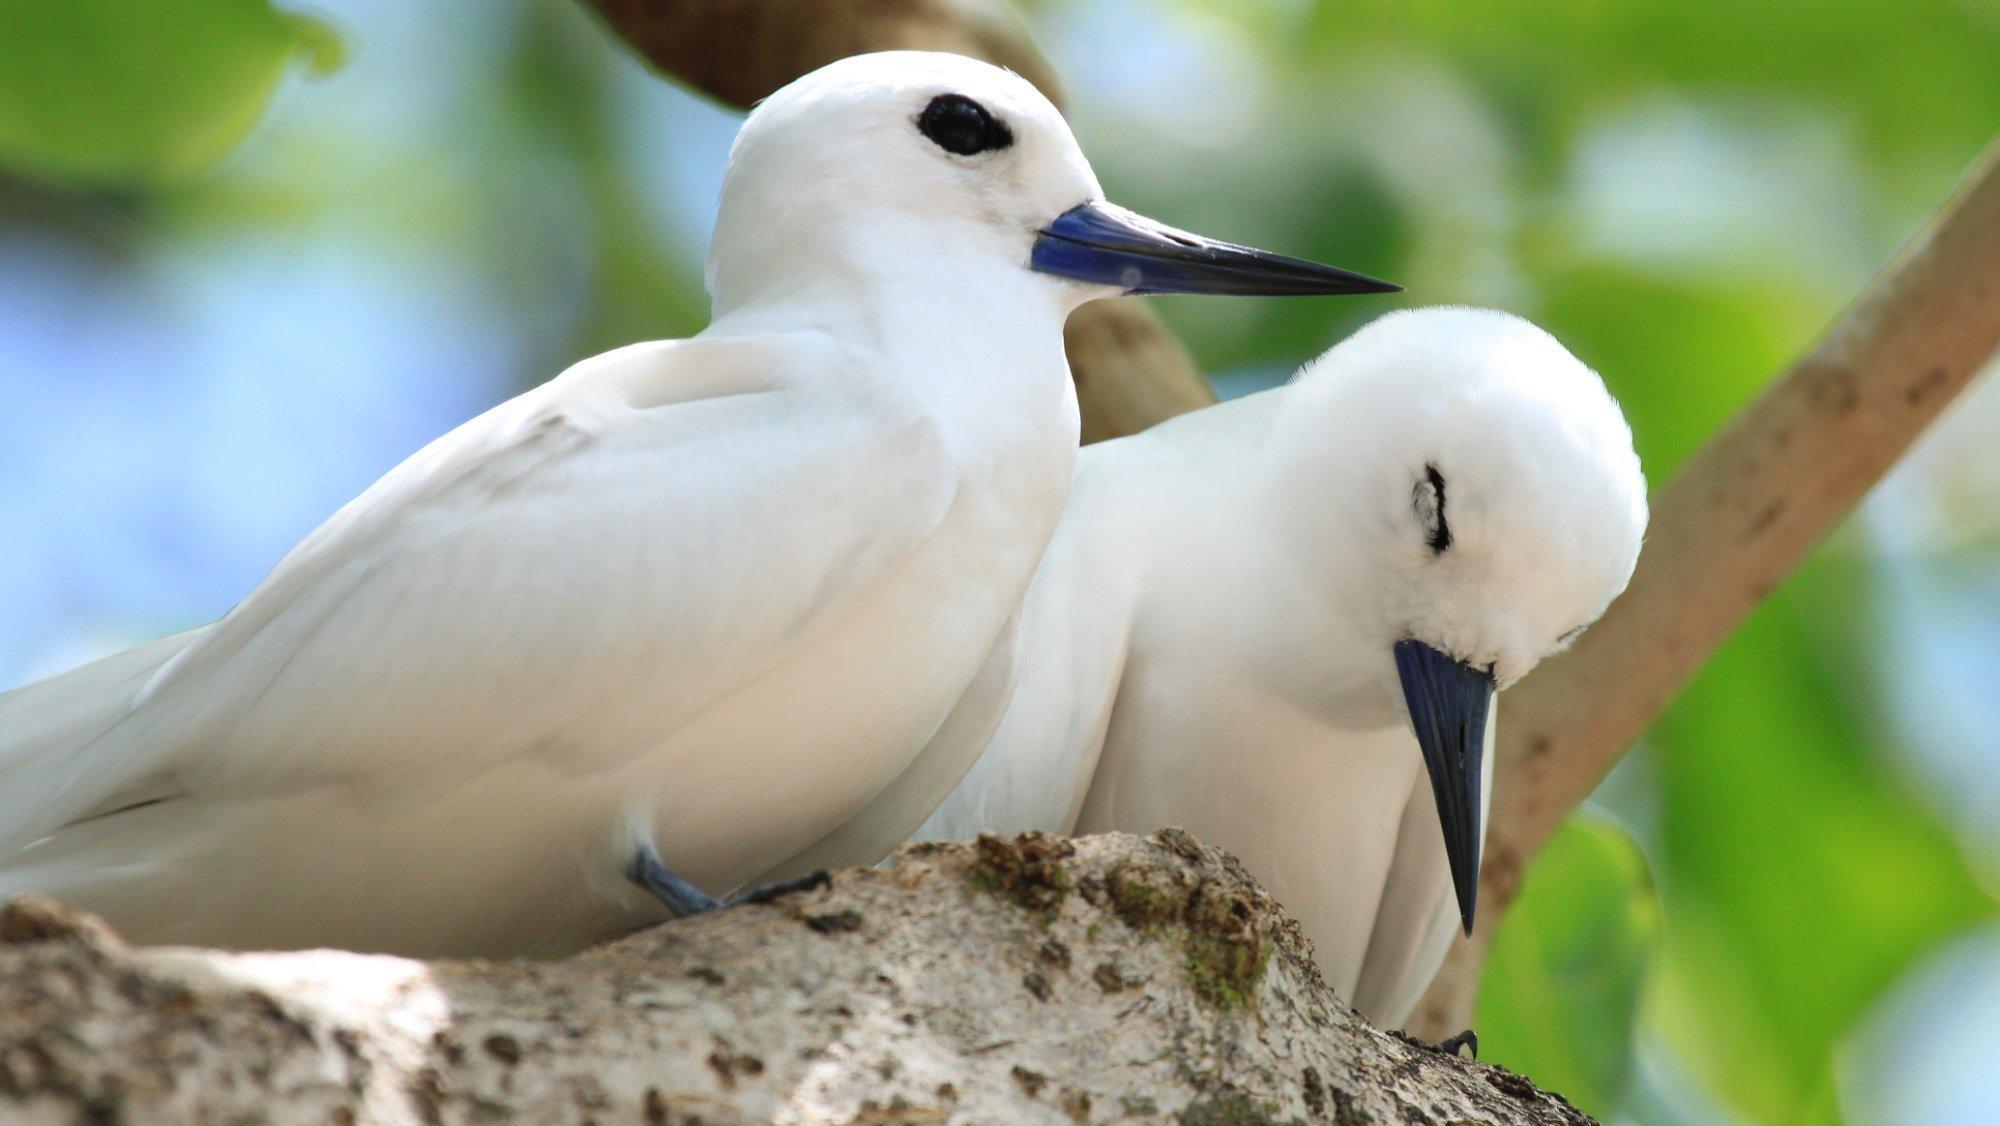 Zwei weiße Vögel sitzen nebeneinander auf einem Ast, einer scheint zu dösen.